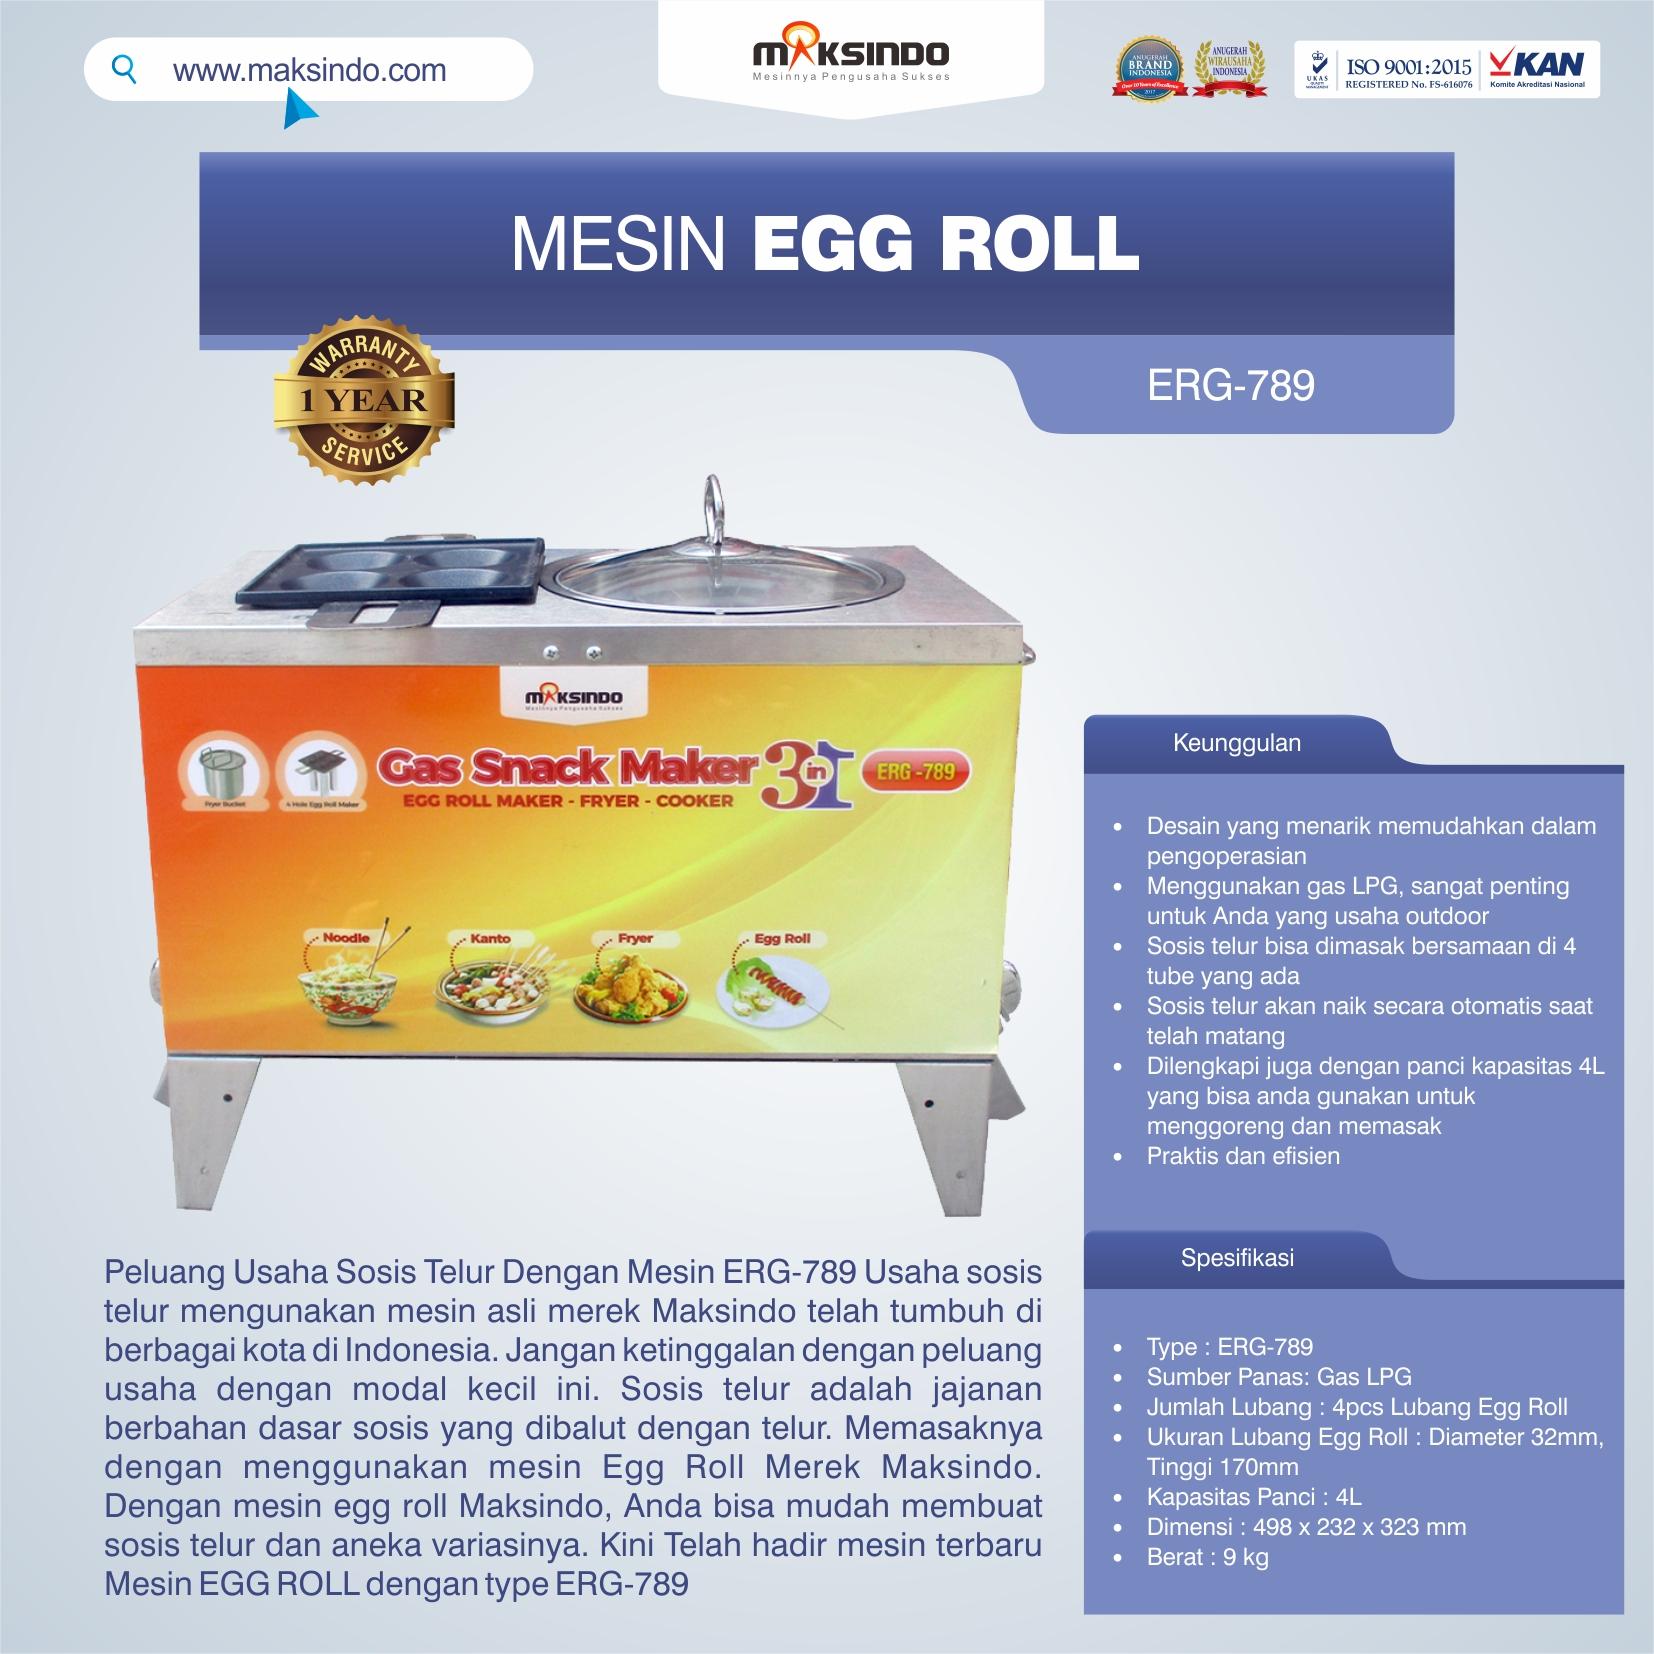 Jual Mesin Egg Roll ERG-789 di Jakarta